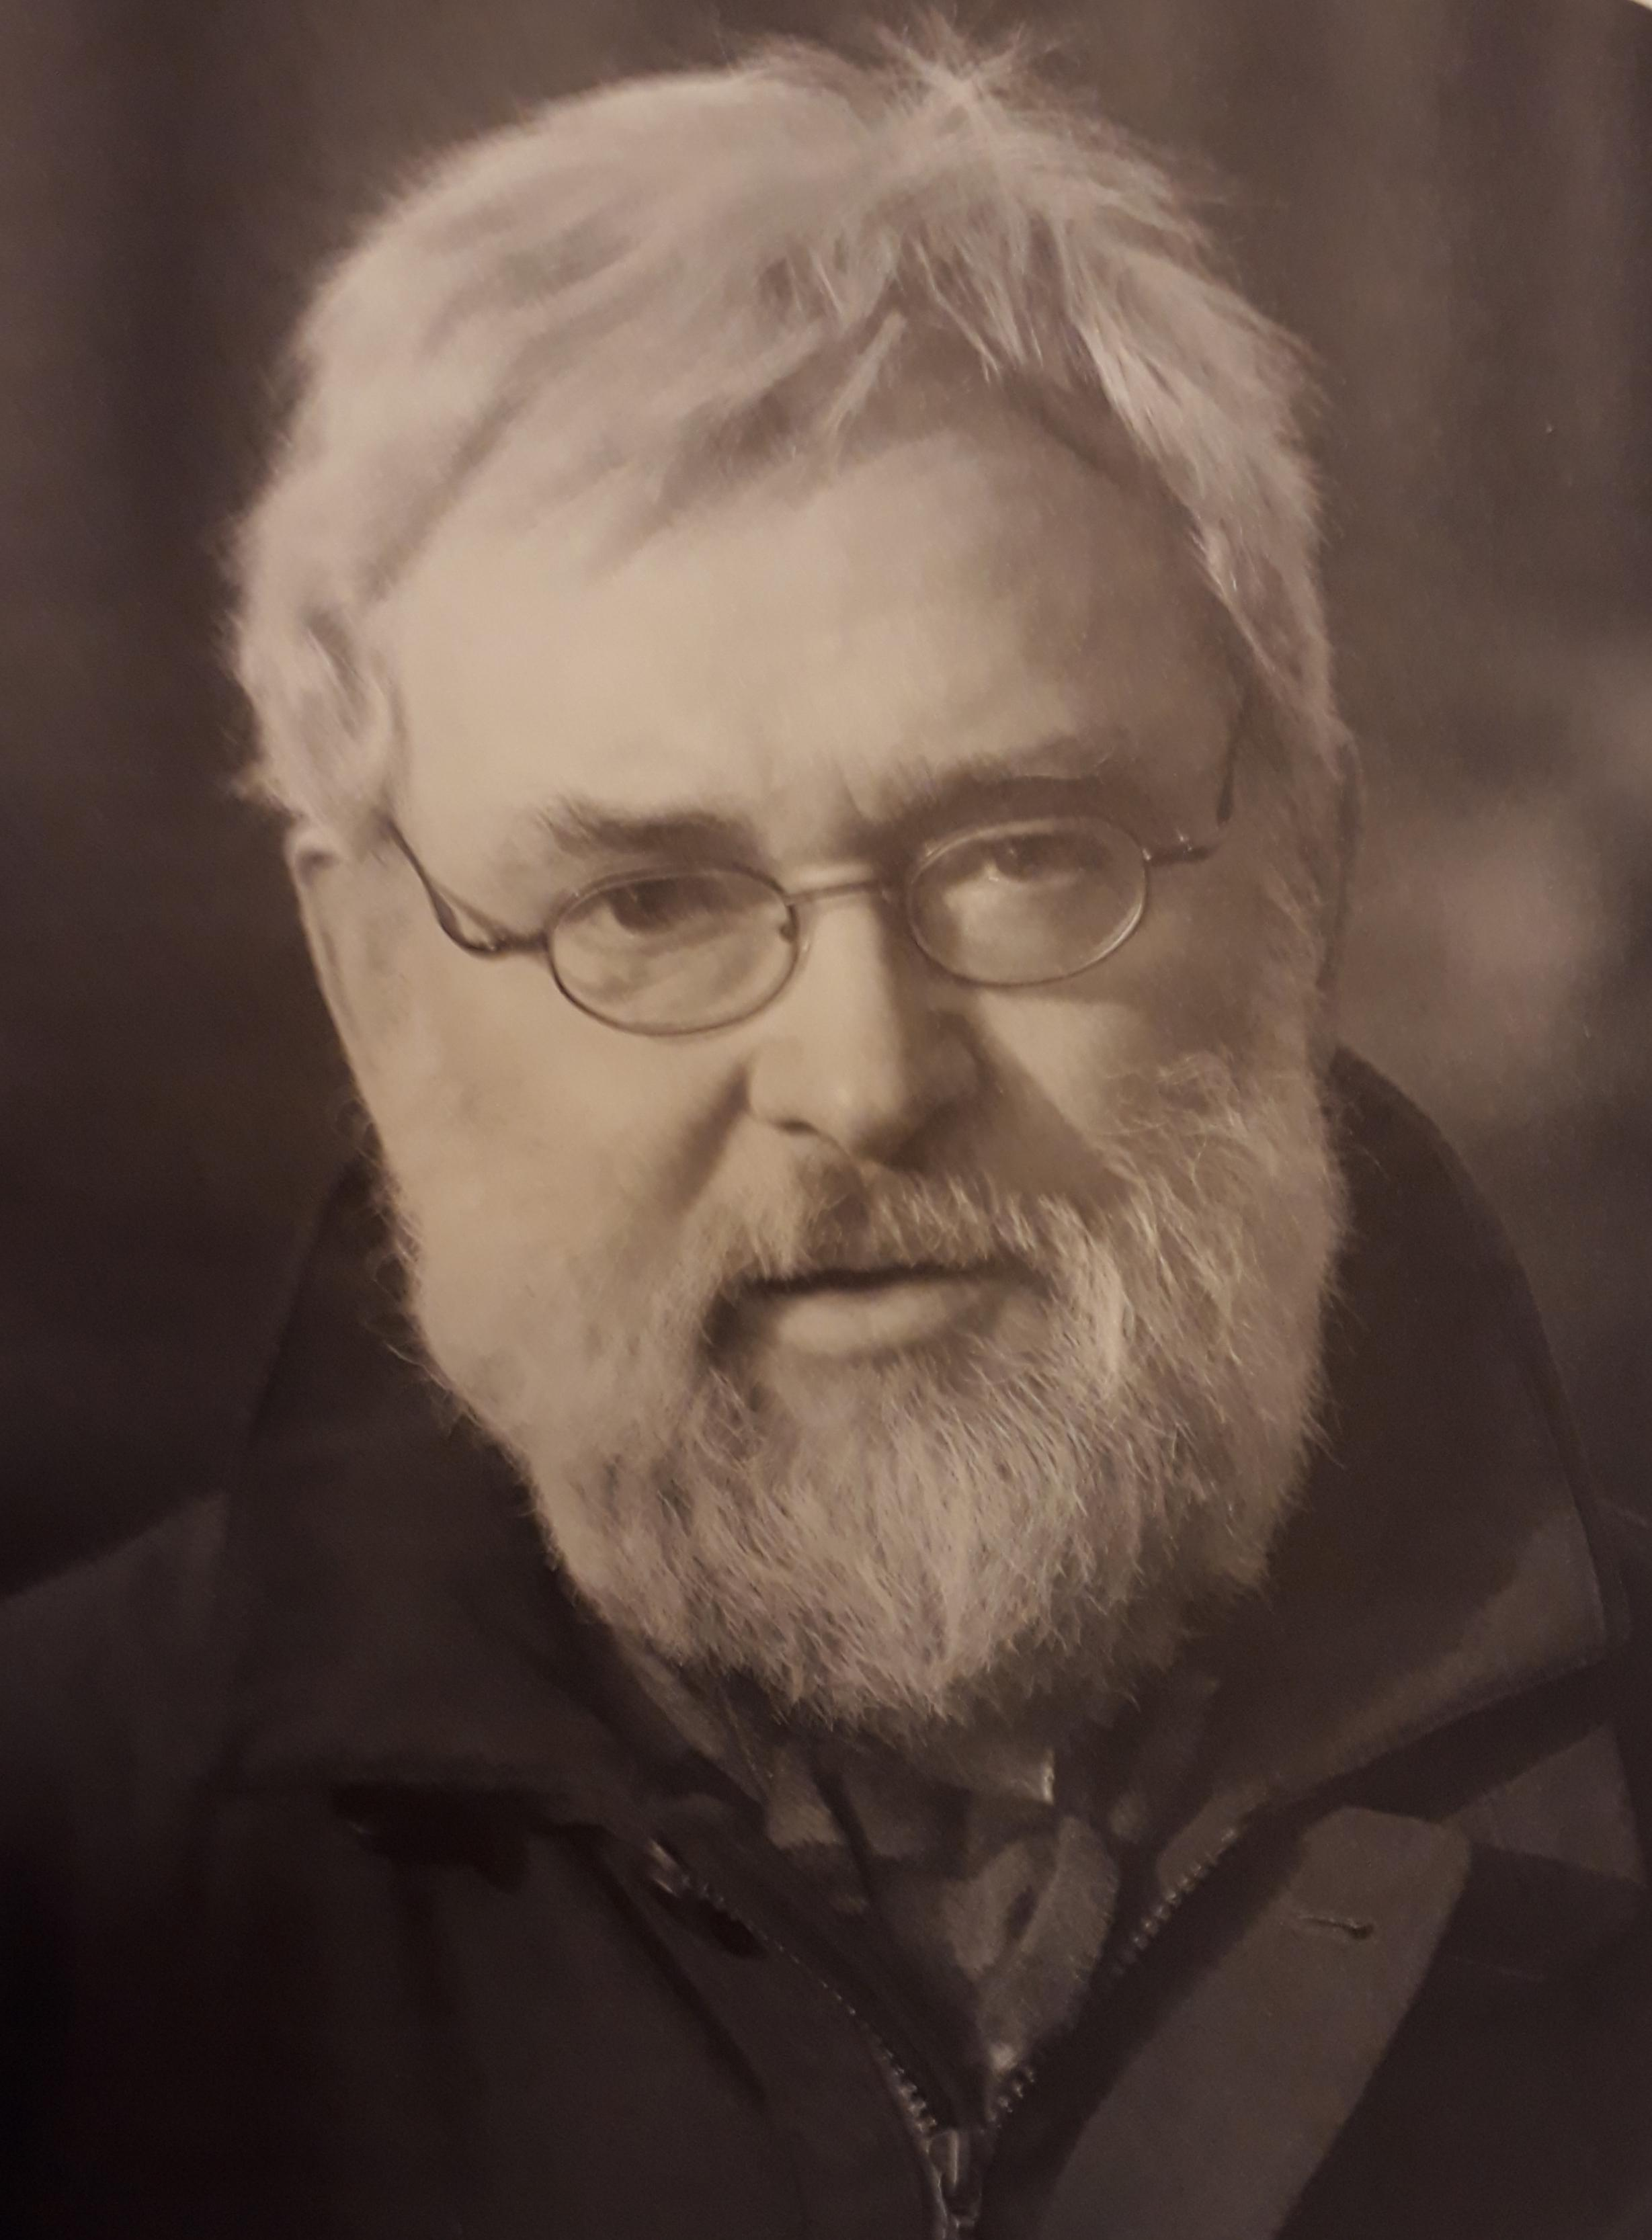 Leo Noordegraaf is overleden. Een productieve hoogleraar met lokaal oog | In memoriam